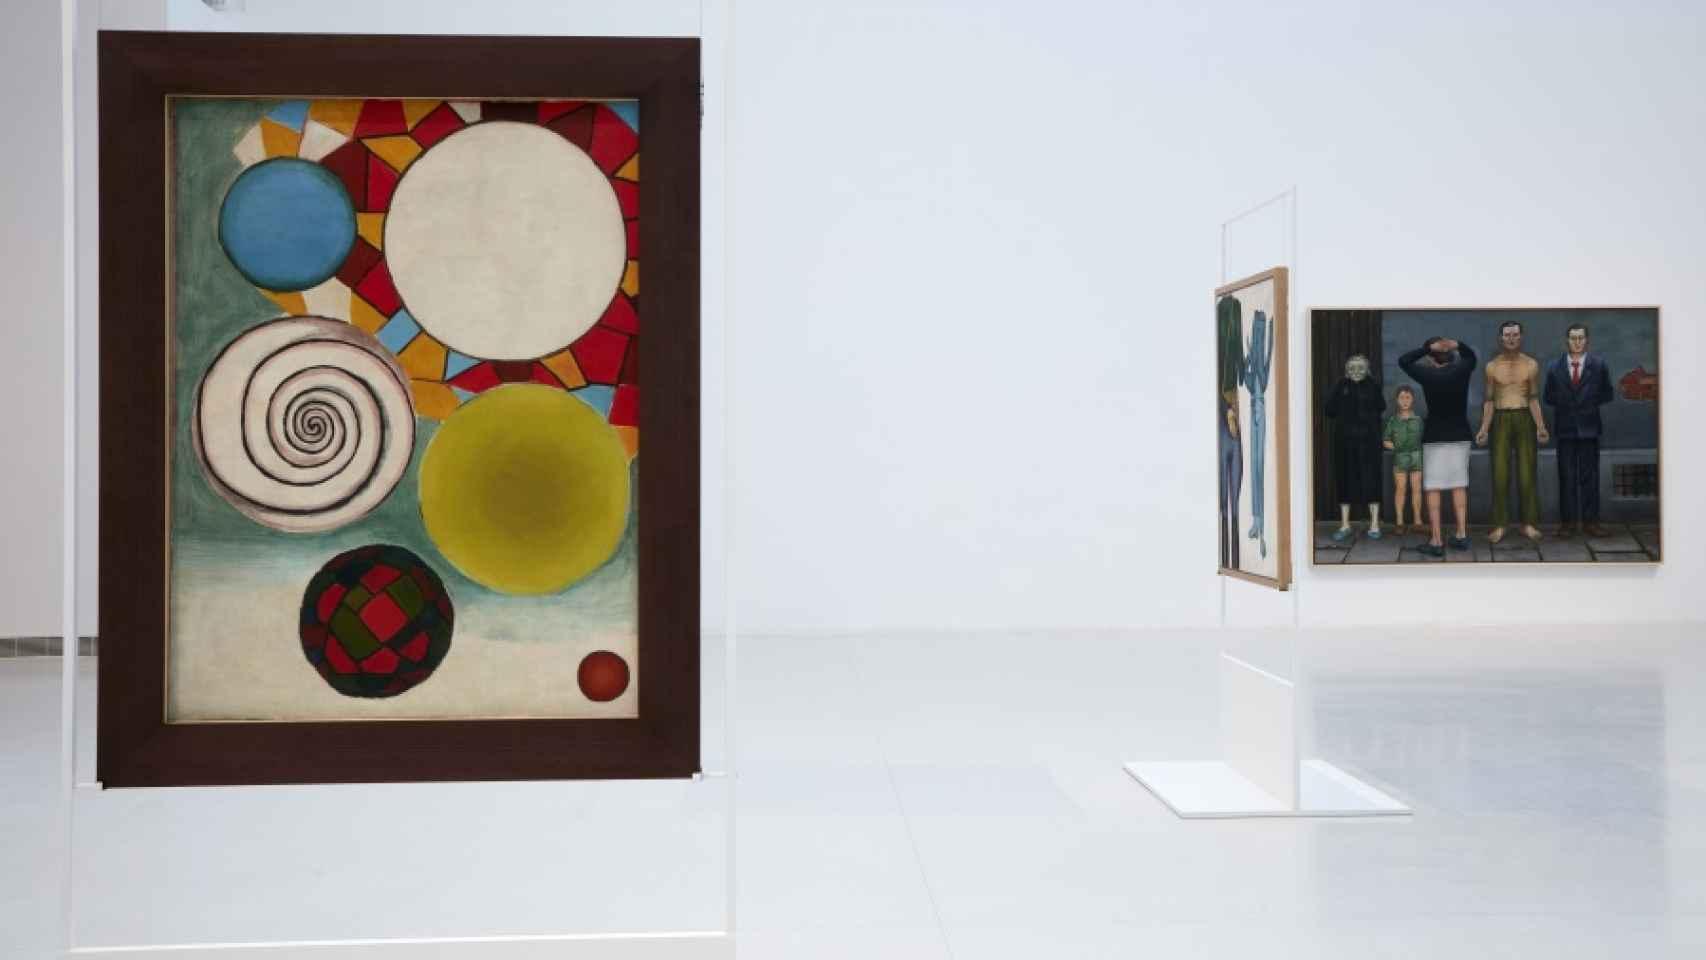 Parte central de la exposición del artista polaco.